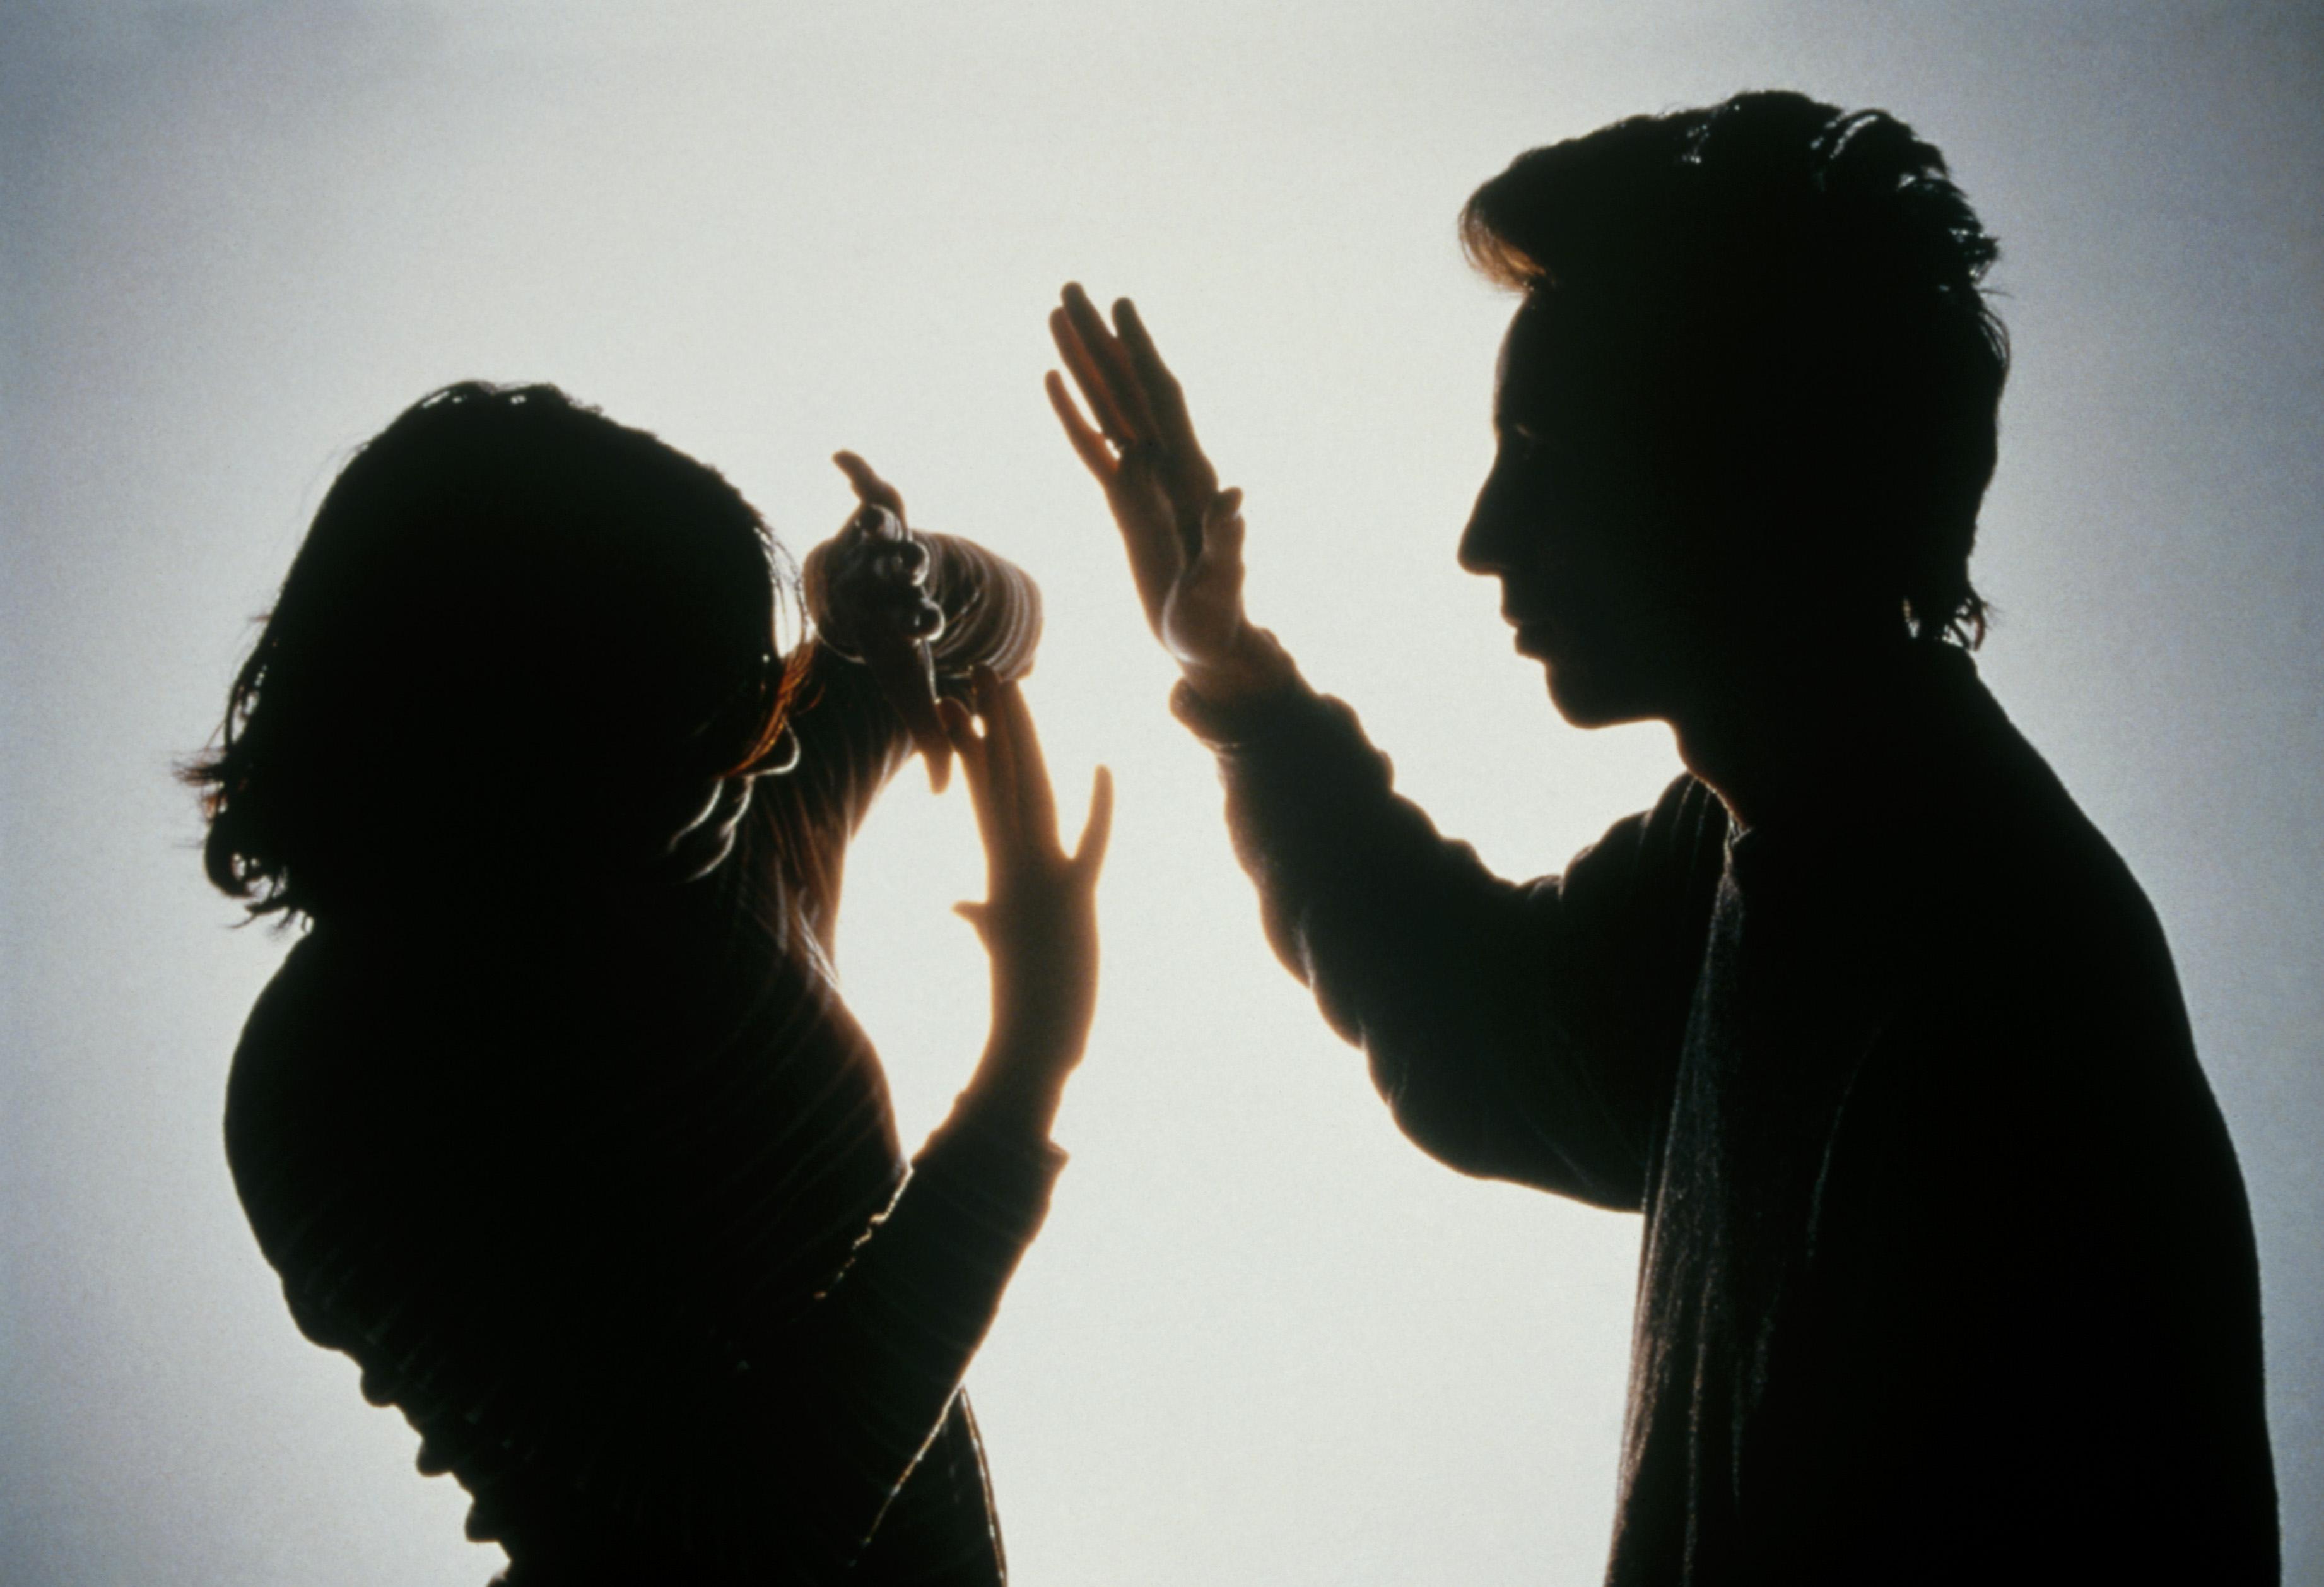 Acusado de violência doméstica começou a ser julgado à porta fechada